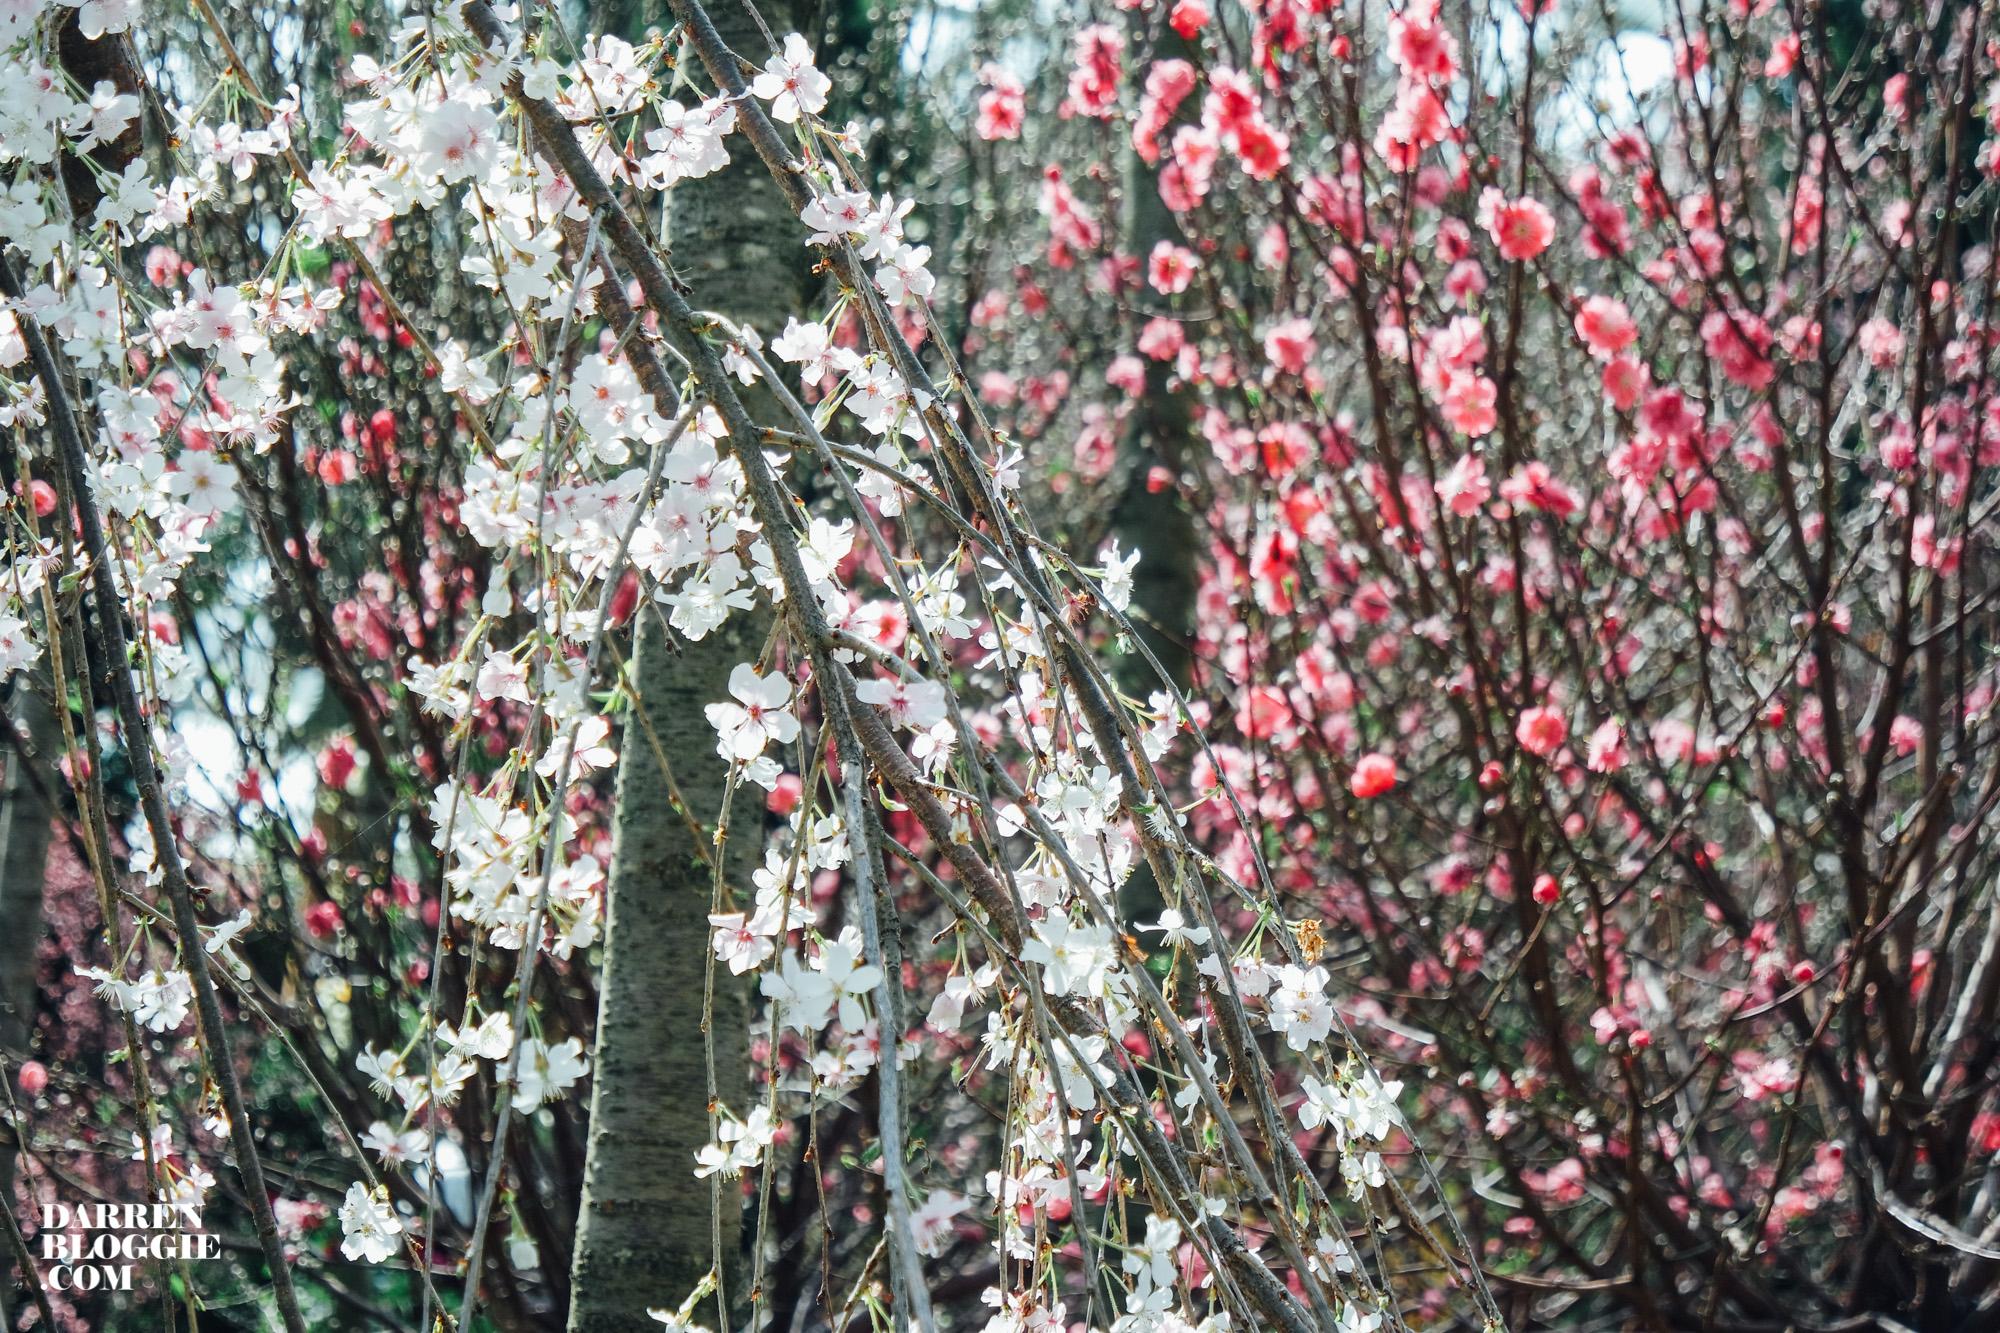 Sakura In Blooms At Gardens By The Bay Singapore Darren